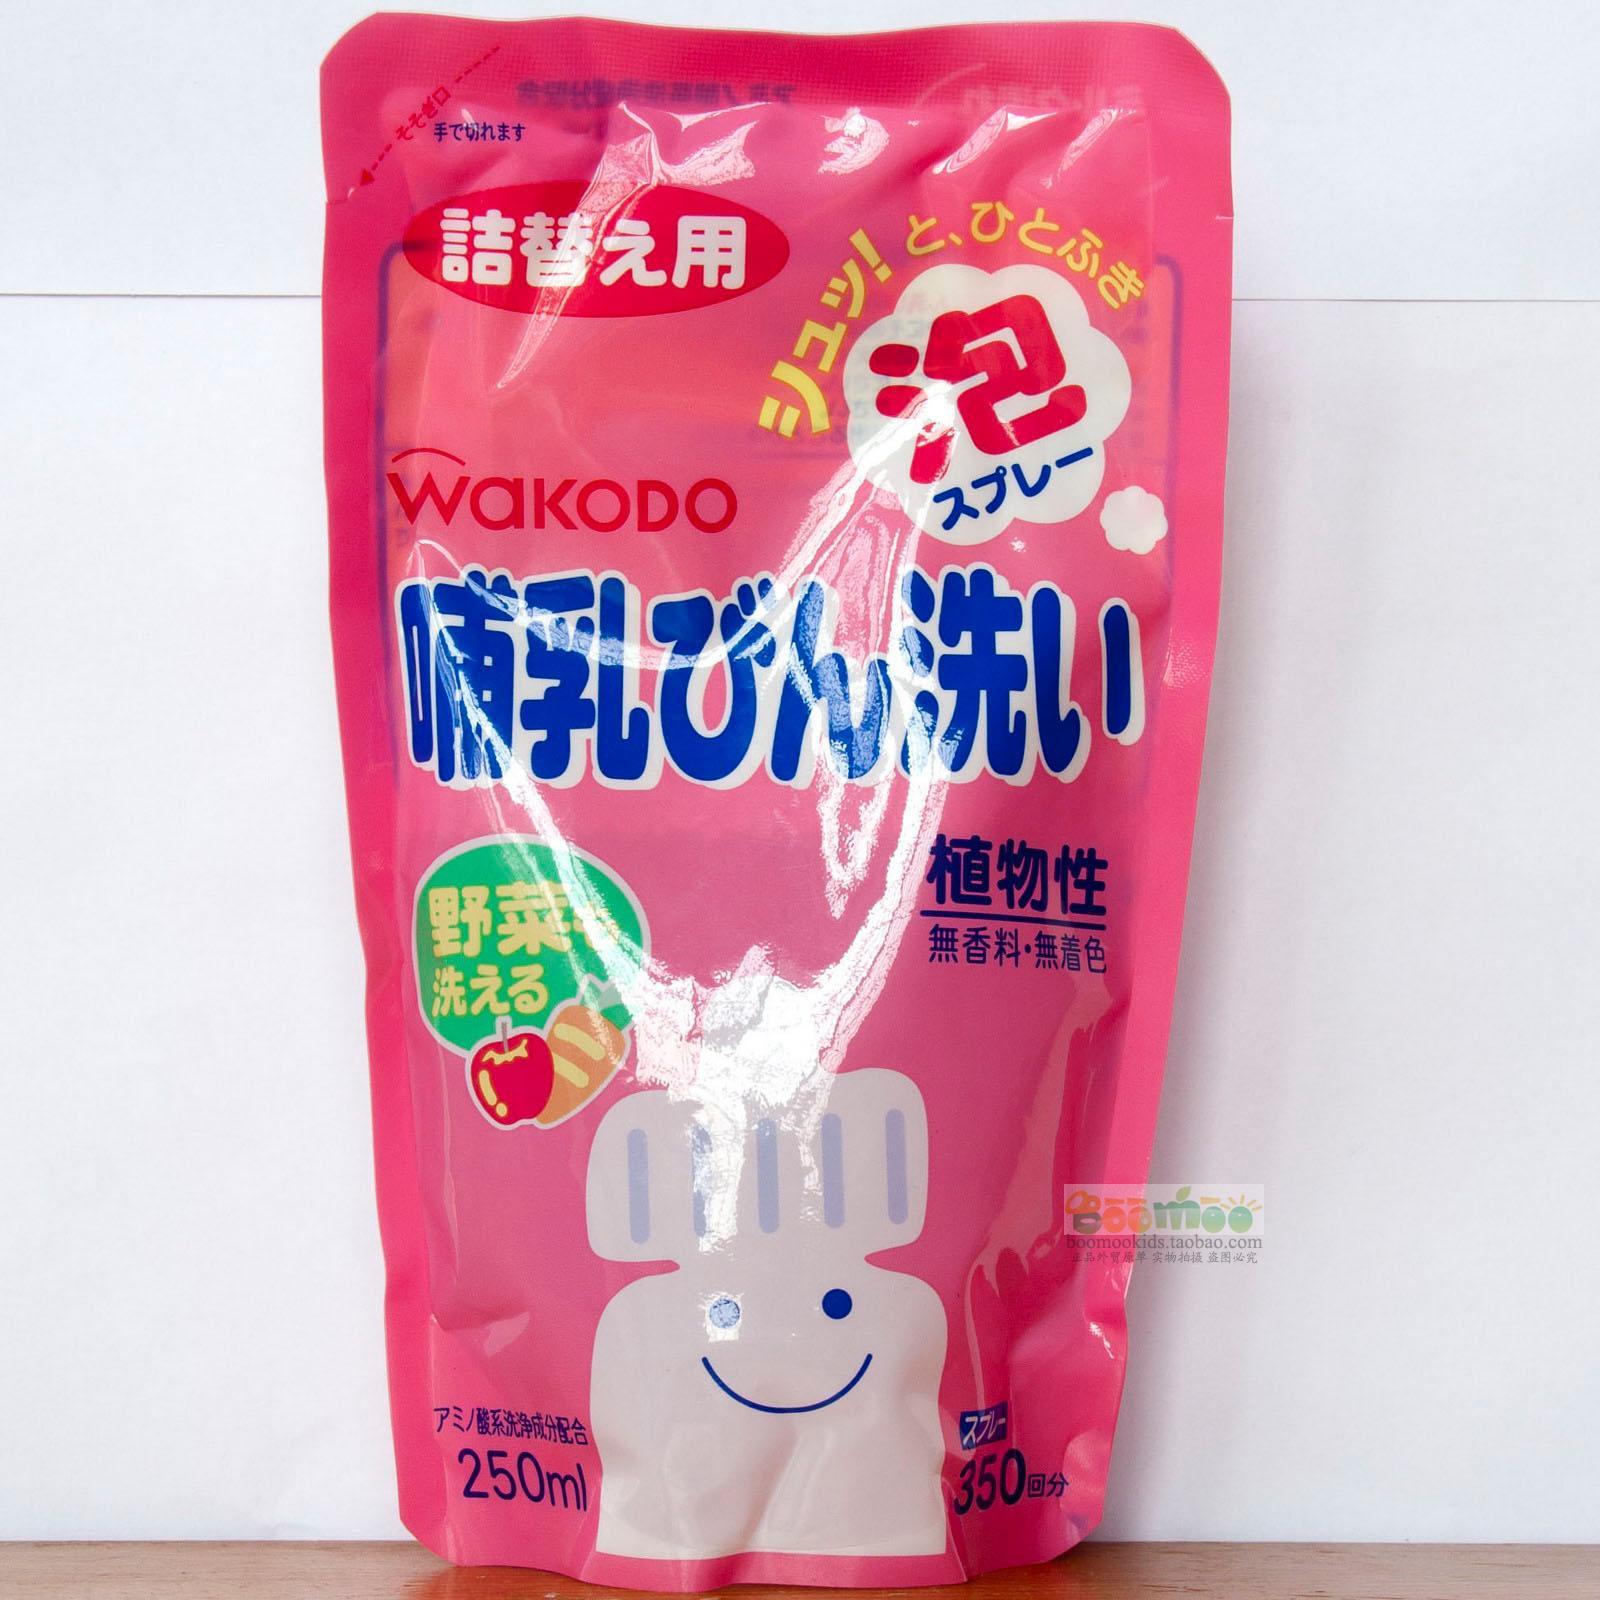 натуральные растительные формула японского оригинала и свет зал бутылки чистящим средством для чистки овощей и фруктов пополнения 250 мл жидкости